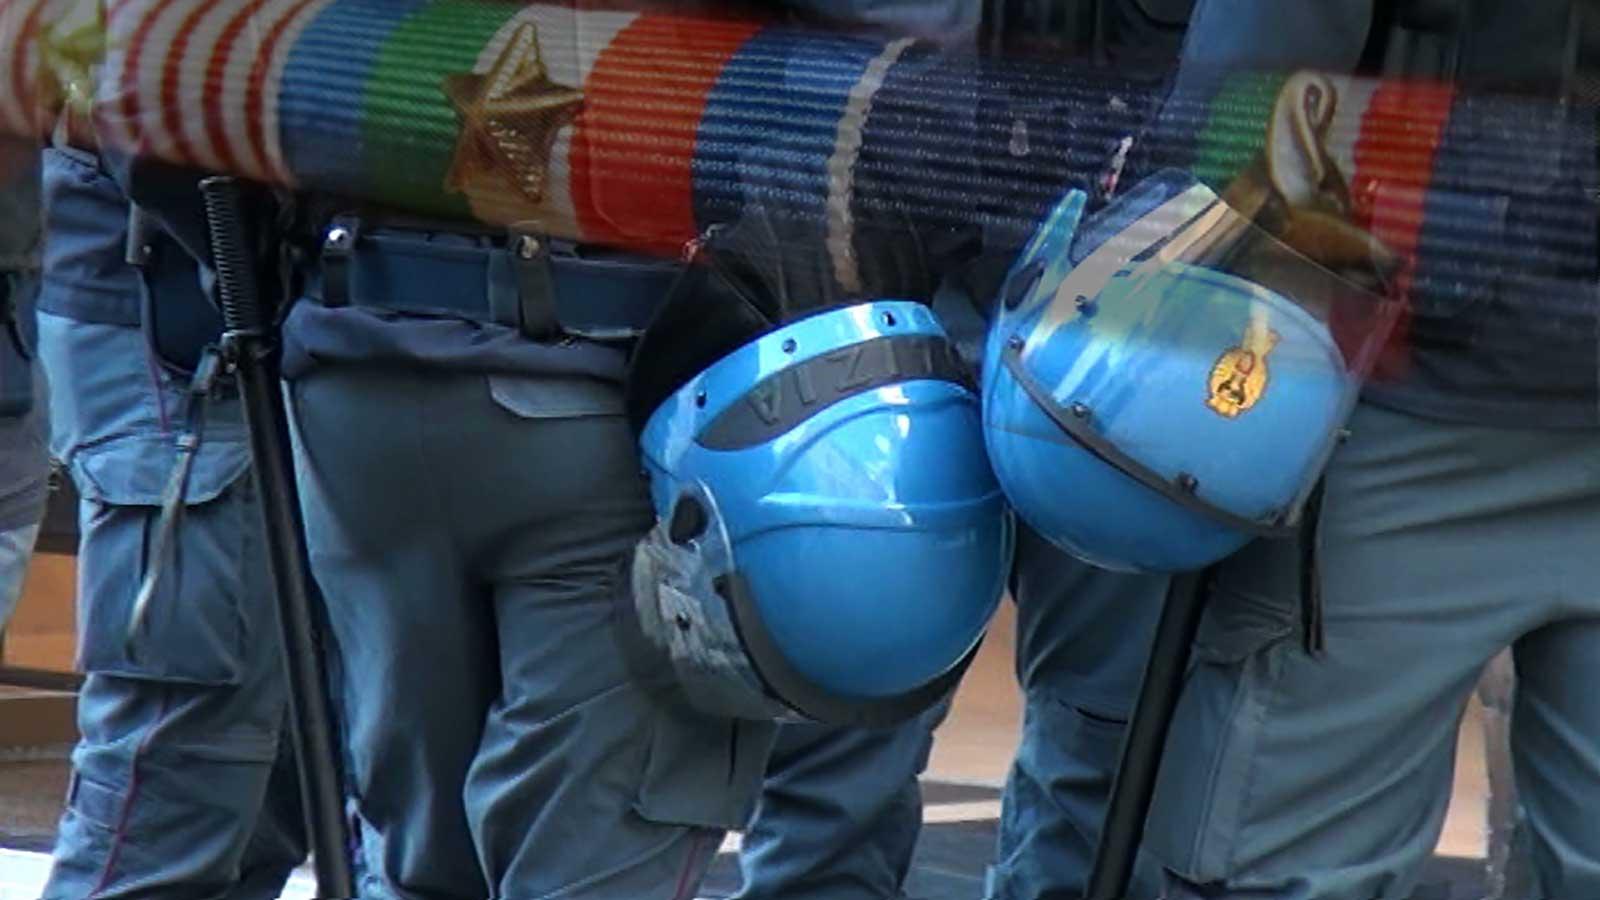 Nastrino Ordine pubblico polizia di stato